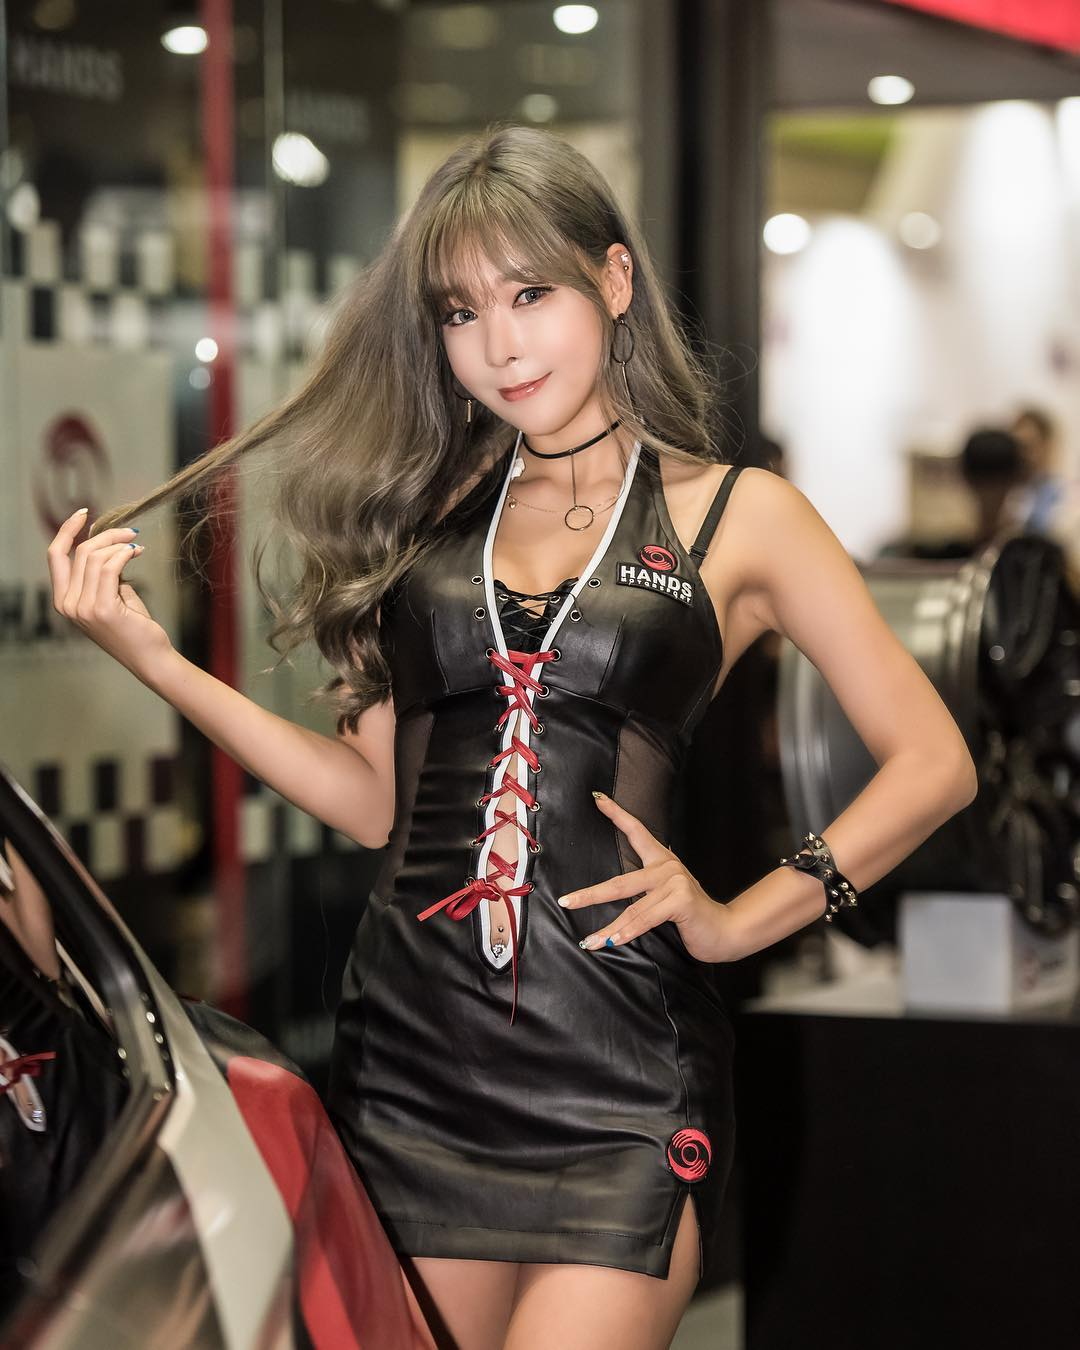 style girl who is Korean model